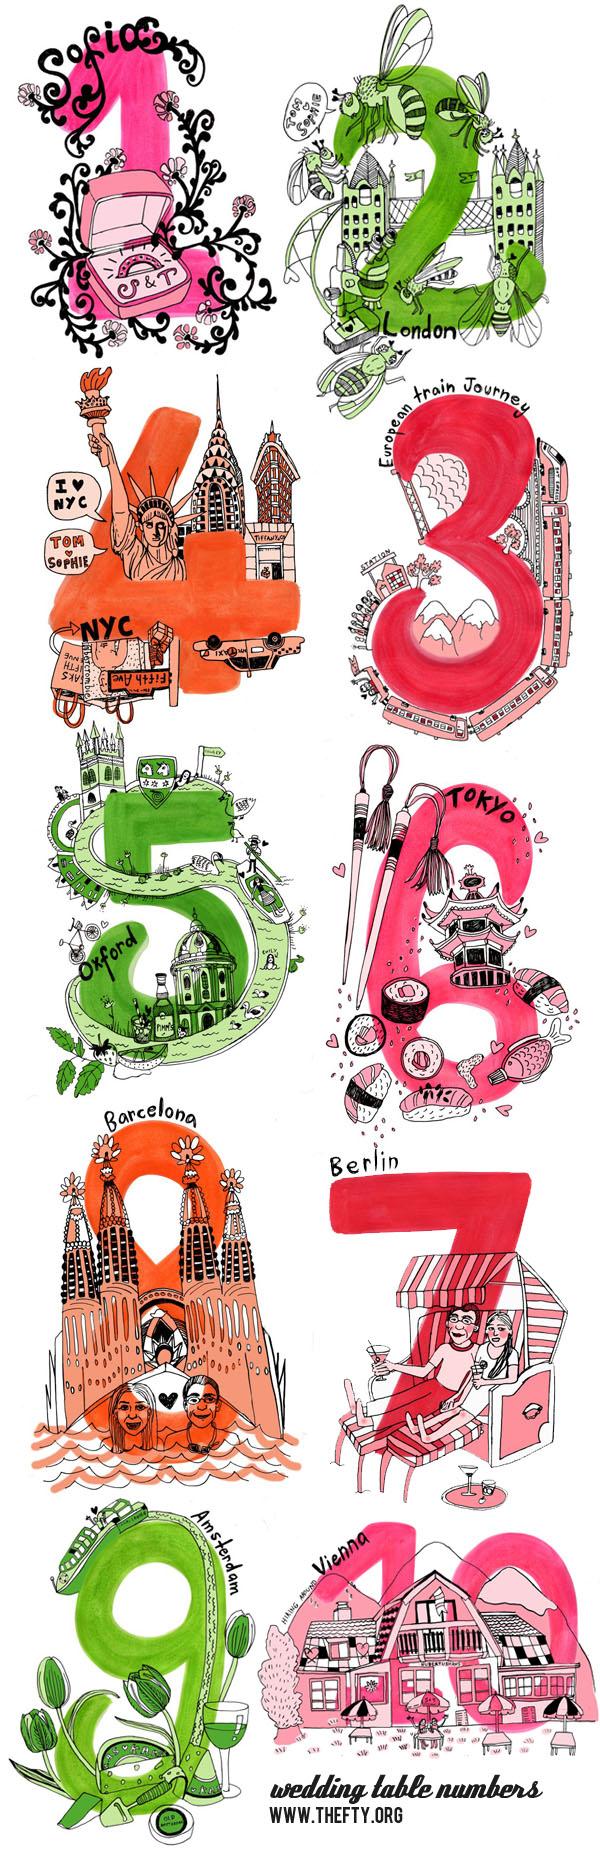 Helena-Maratheftis-table-numbers-collage